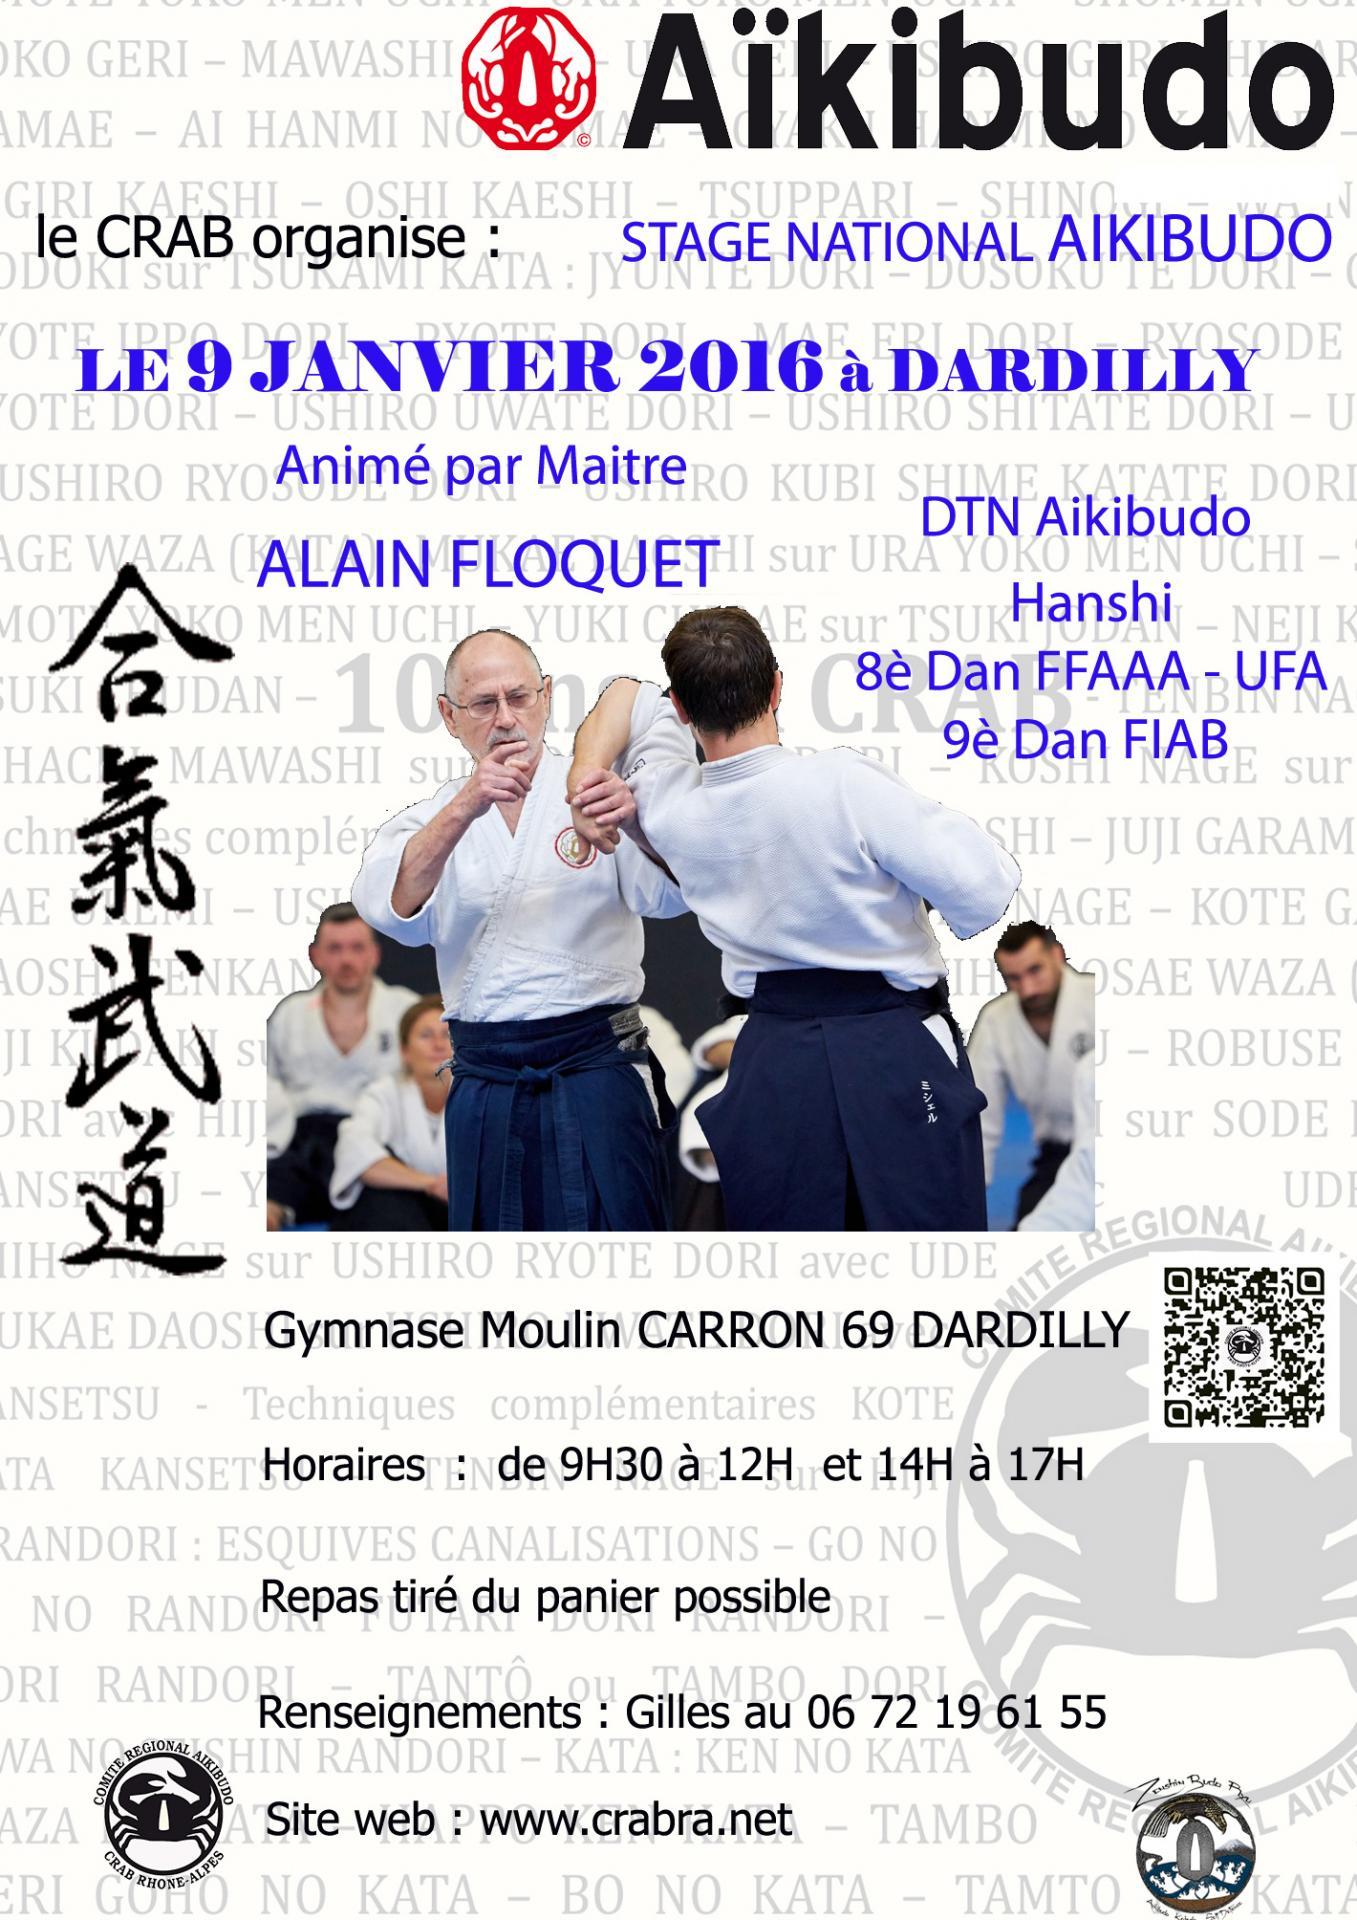 Aikibudo dardilly 2016 01 10